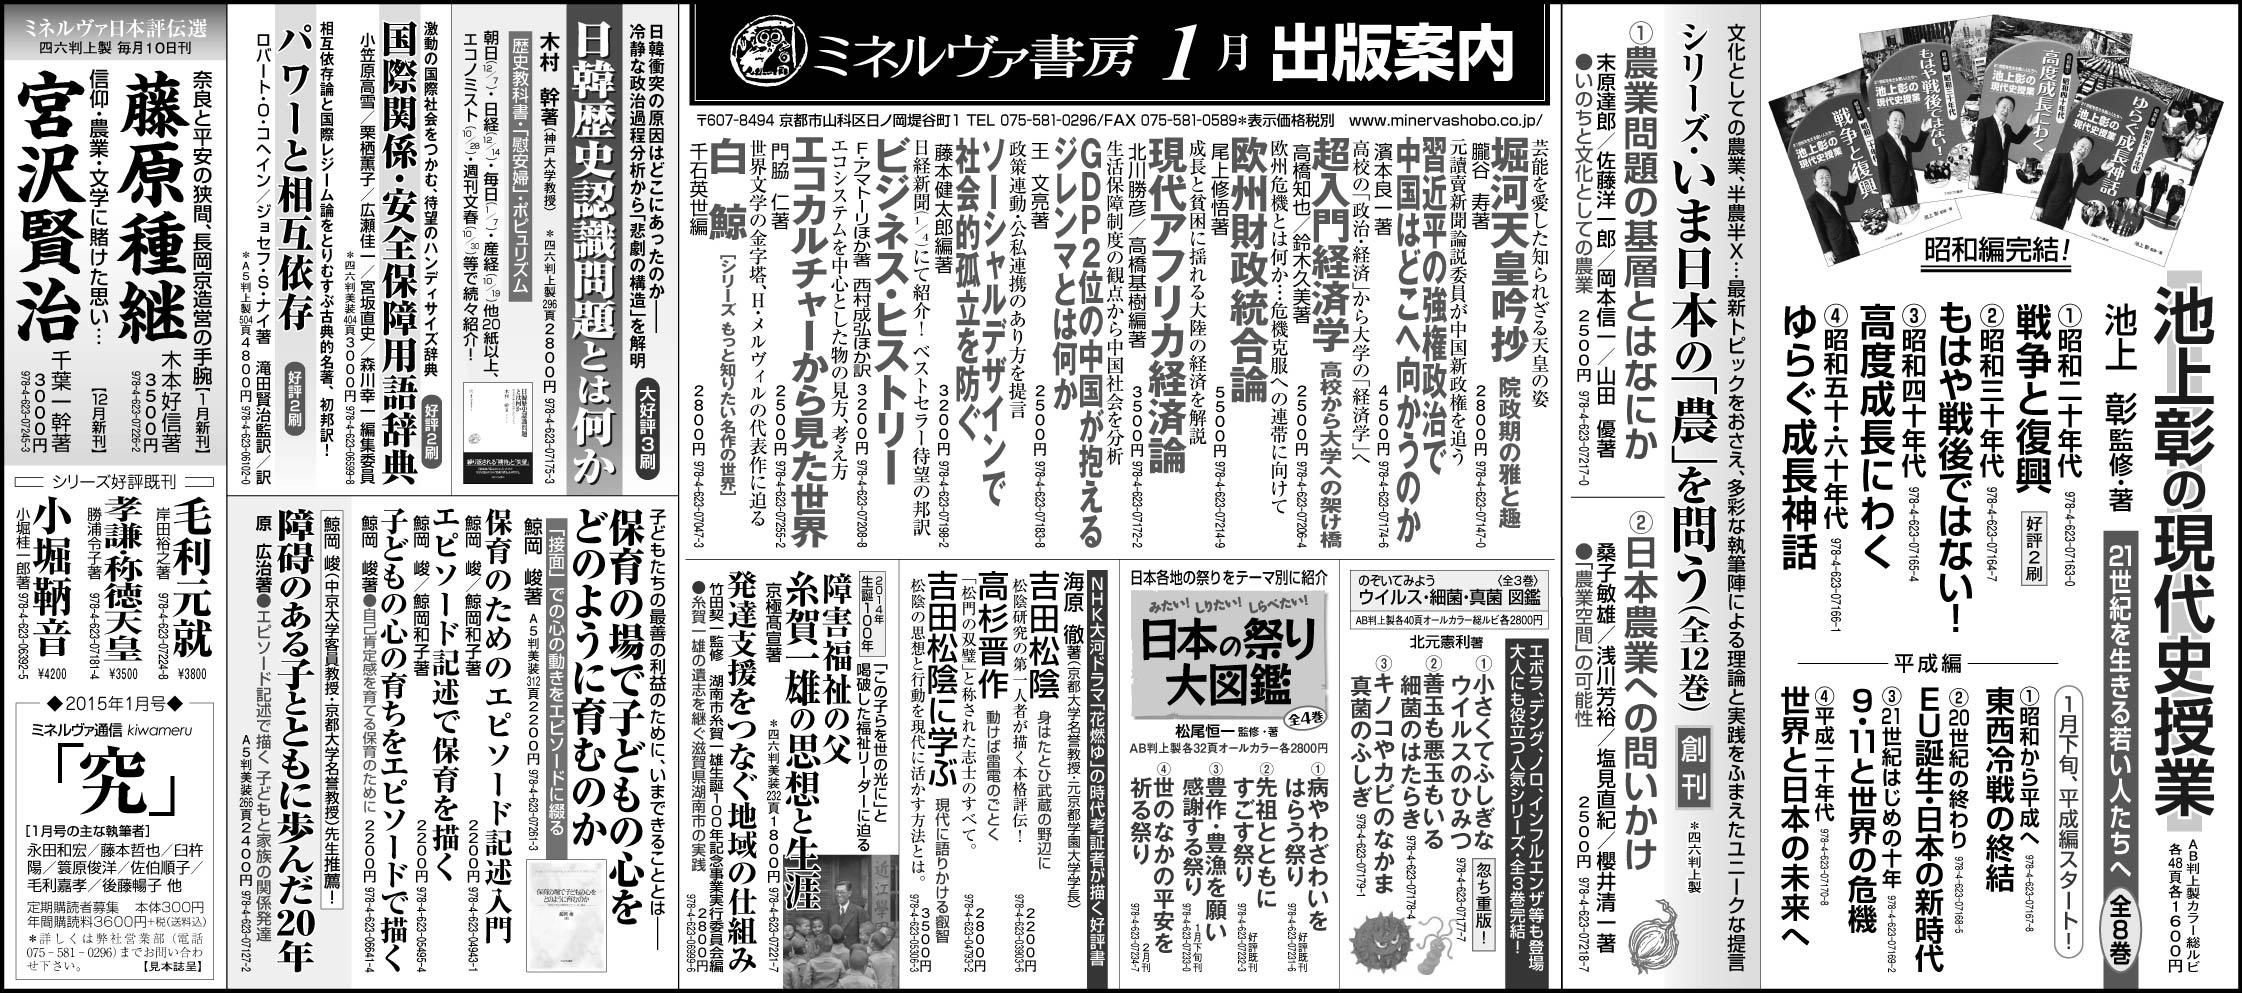 読売新聞全5段広告2015年1月15日掲載